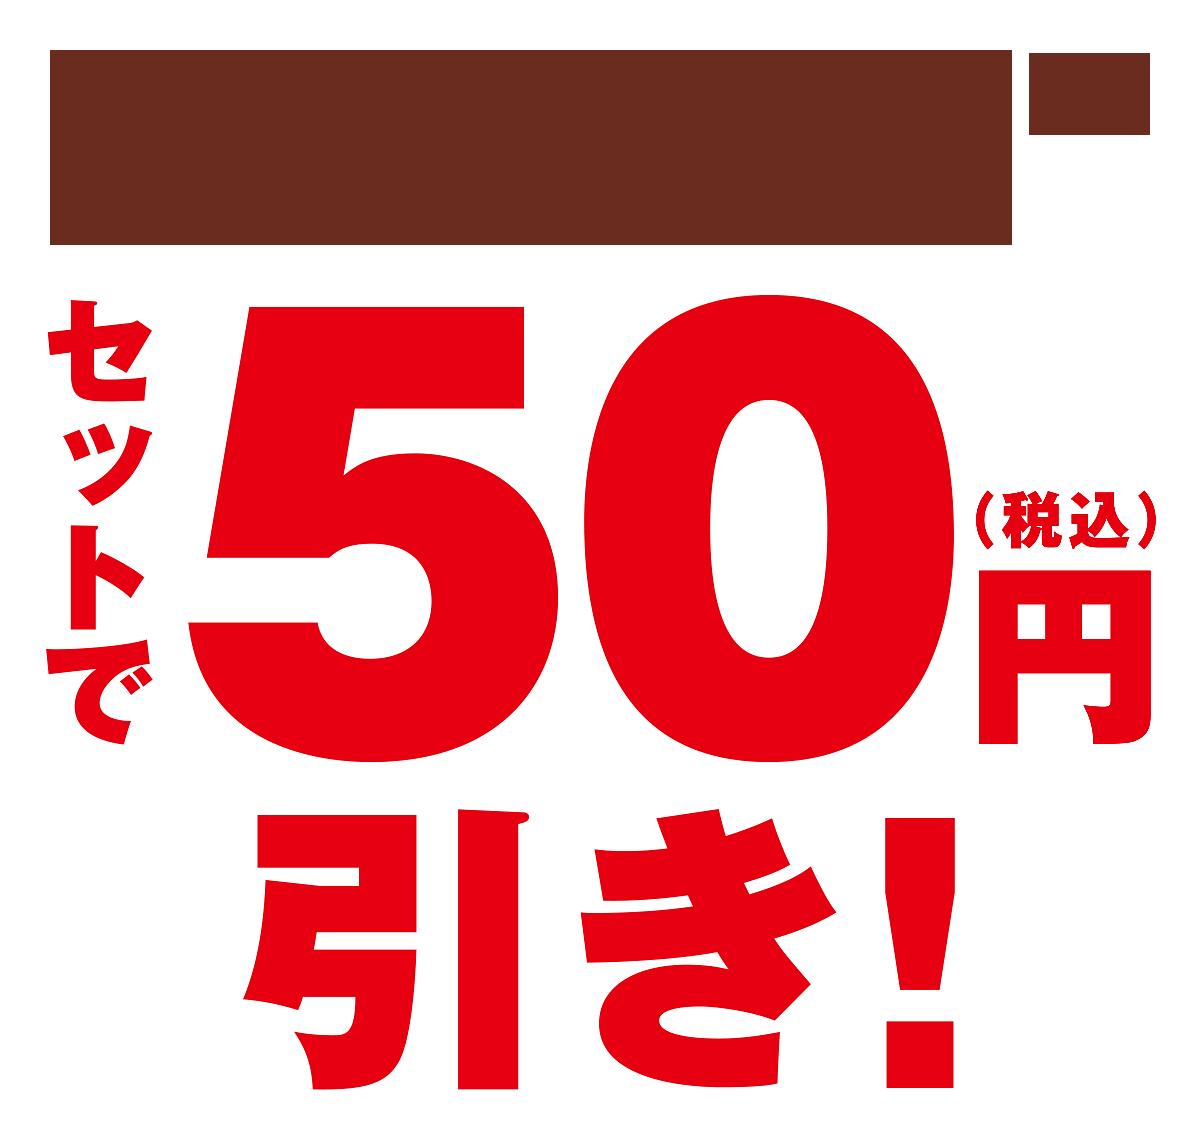 ファミマコーヒーとファミマスイーツセット購入で50円引き。~3/4。コーヒーはd払いで無料配布中。